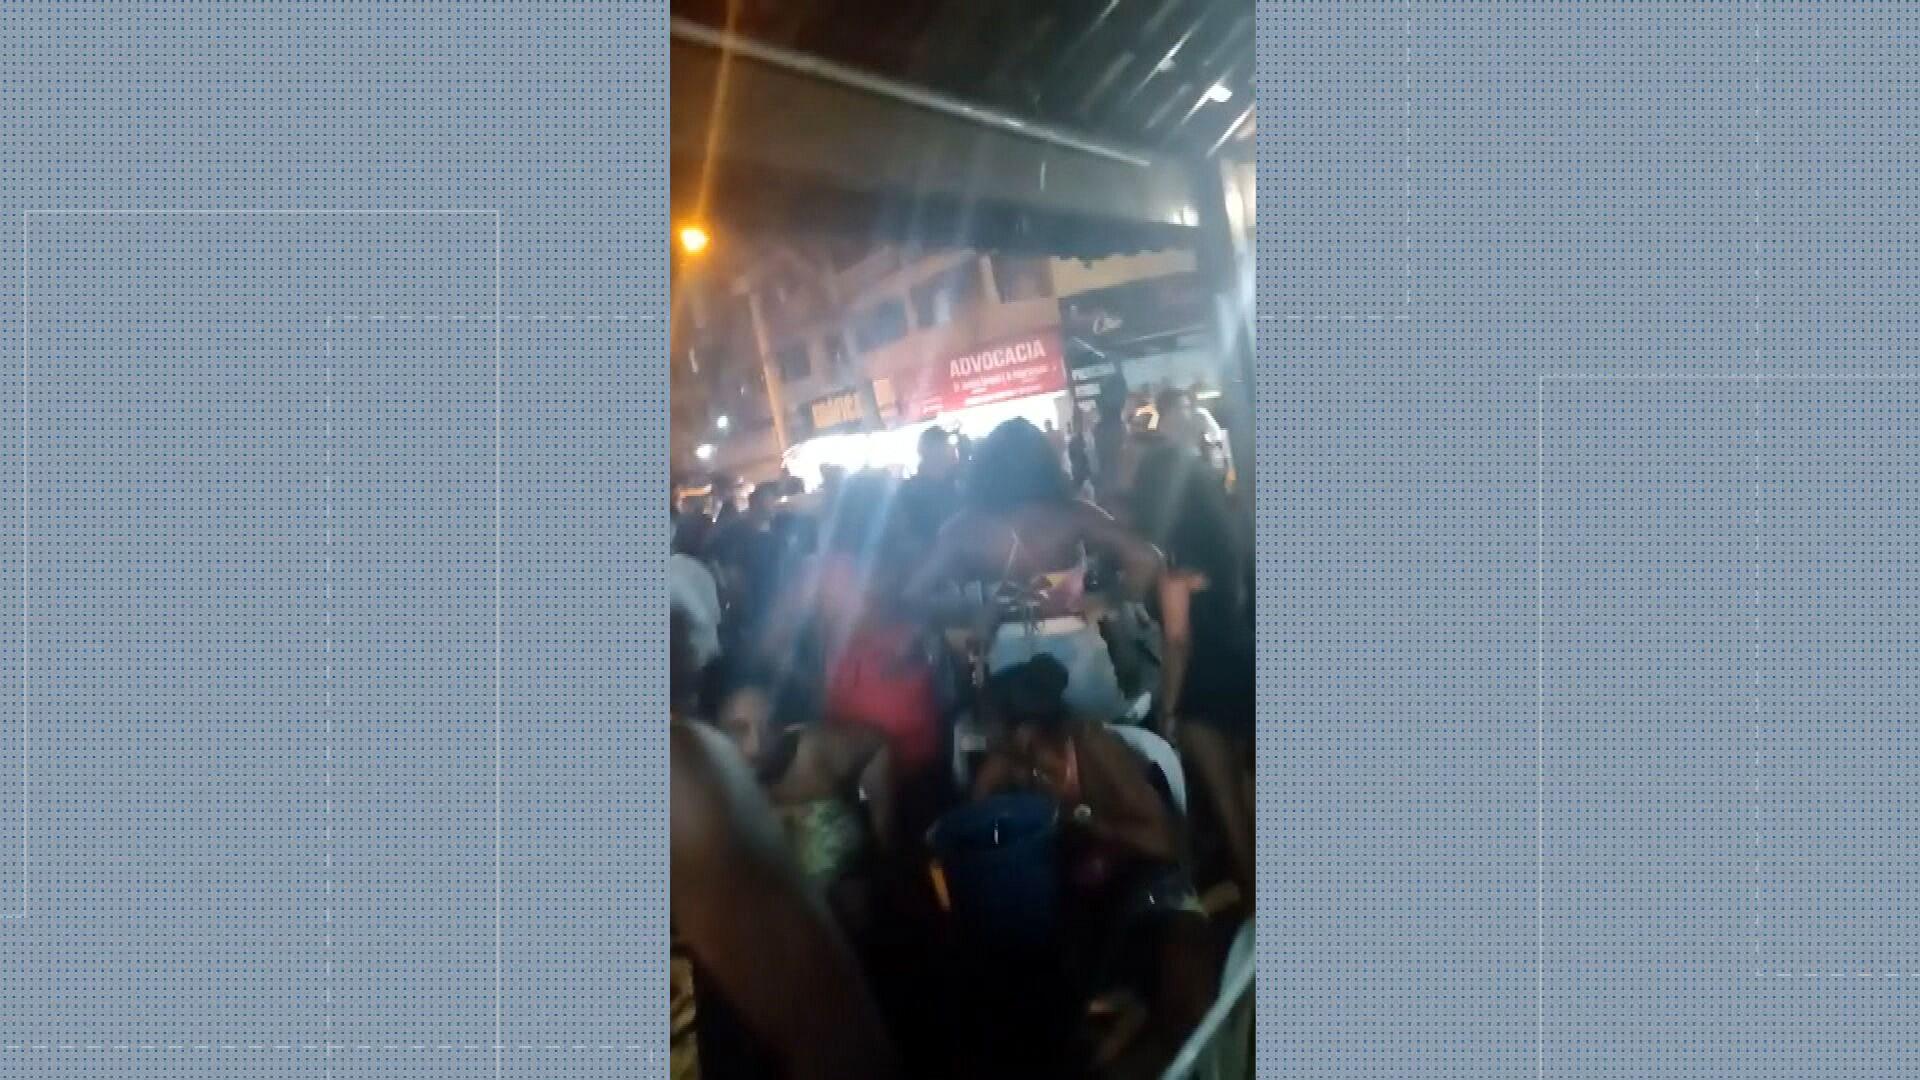 Fim de semana no Rio volta a ter aglomeração em bares; na Zona Oeste, roda de samba atrai multidão sem máscara